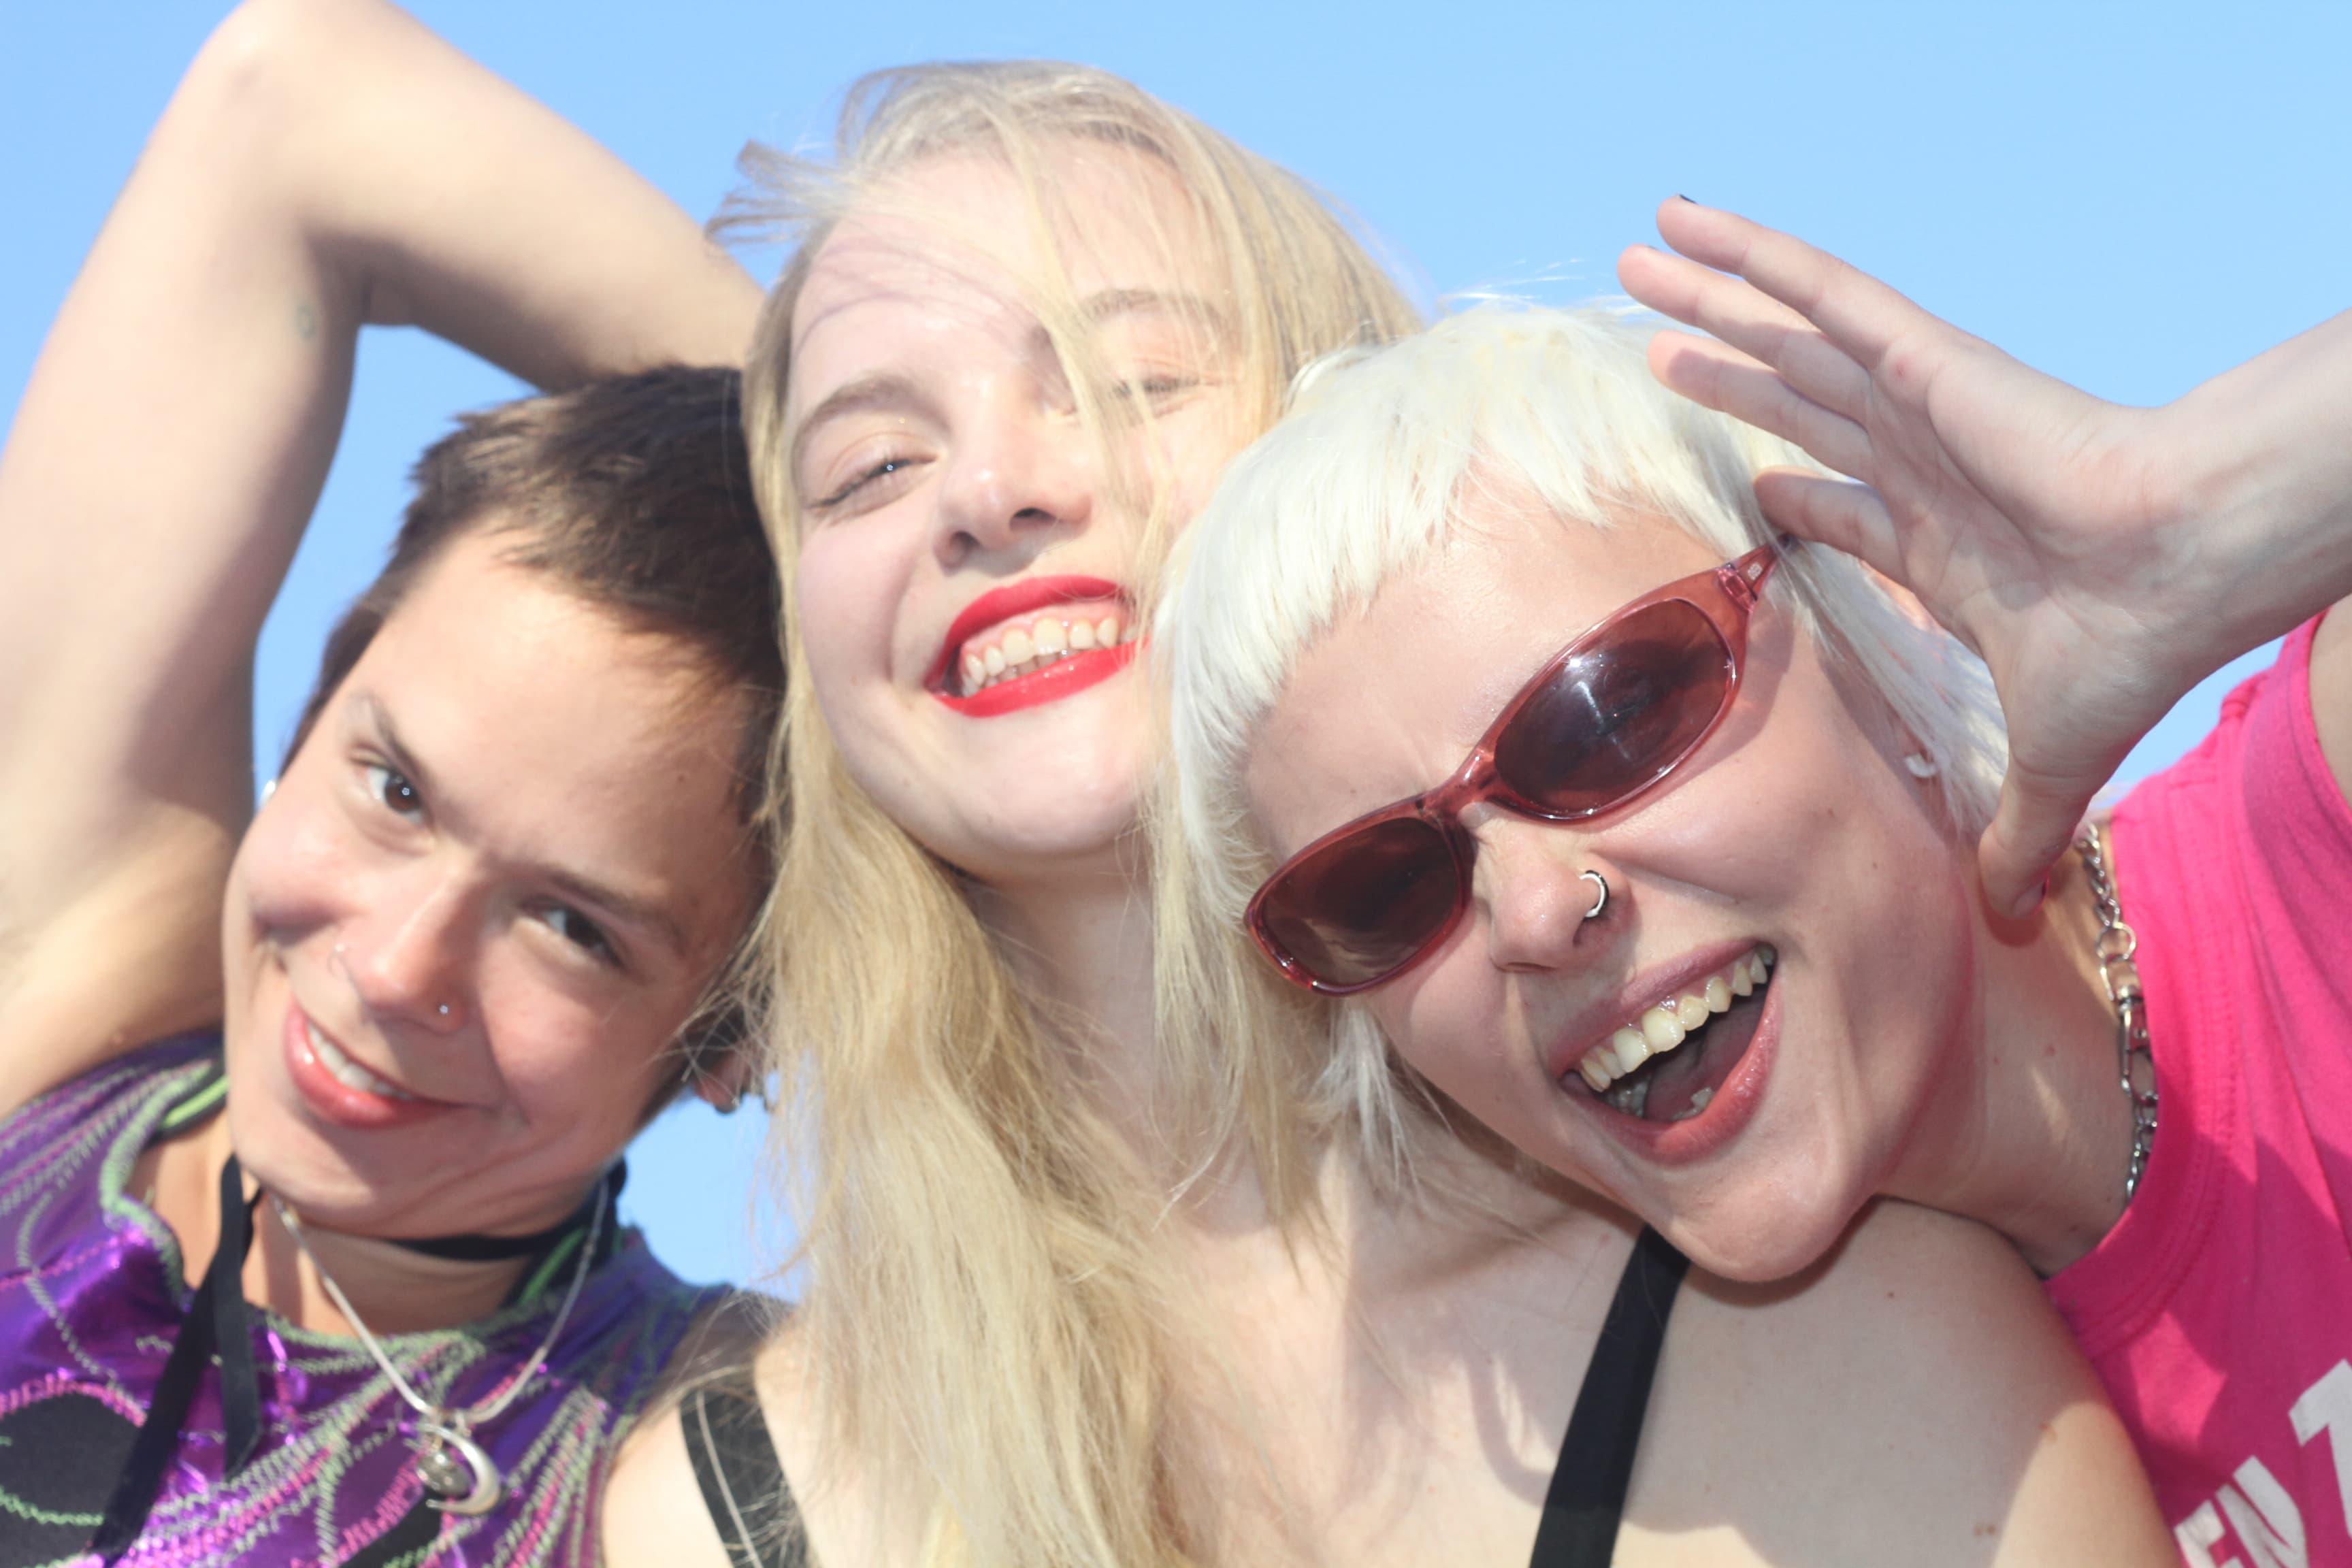 【SUMMER SONIC 2018 出演】ロンドン発ガールズロックバンド、ドリーム・ワイフ独占インタビュー